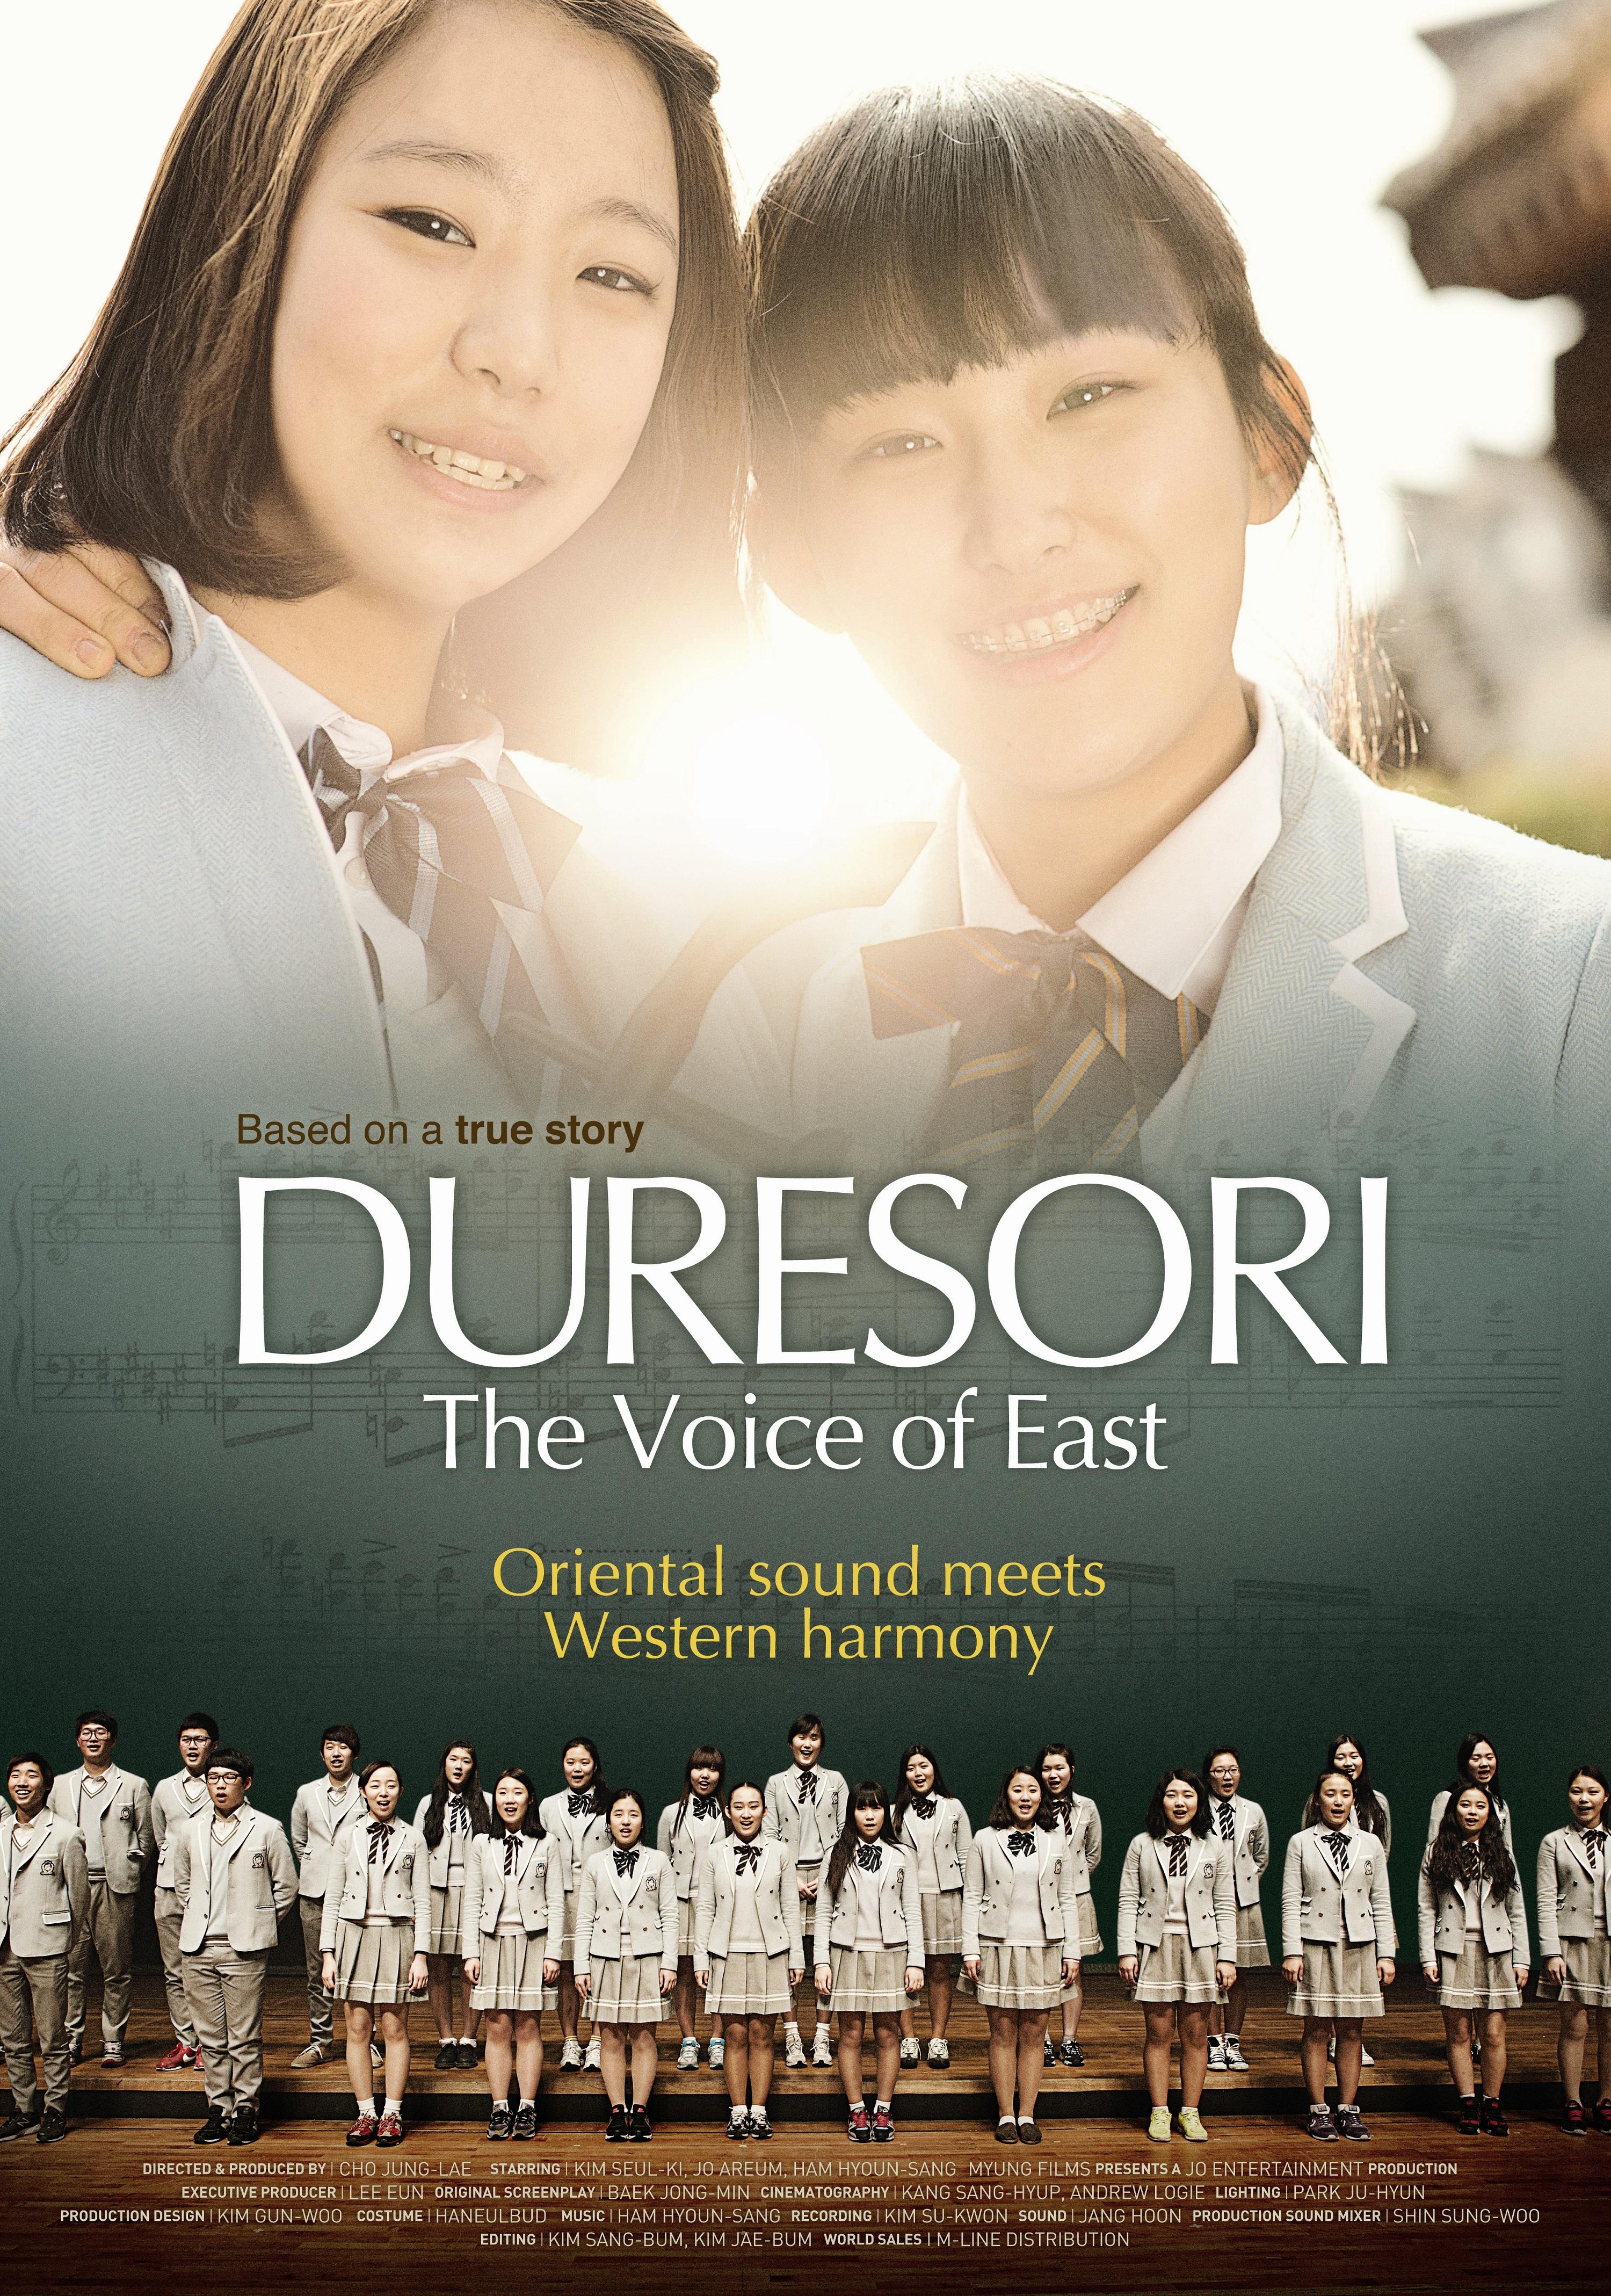 دانلود زیرنویس فارسی فیلم Duresori: The Voice of East